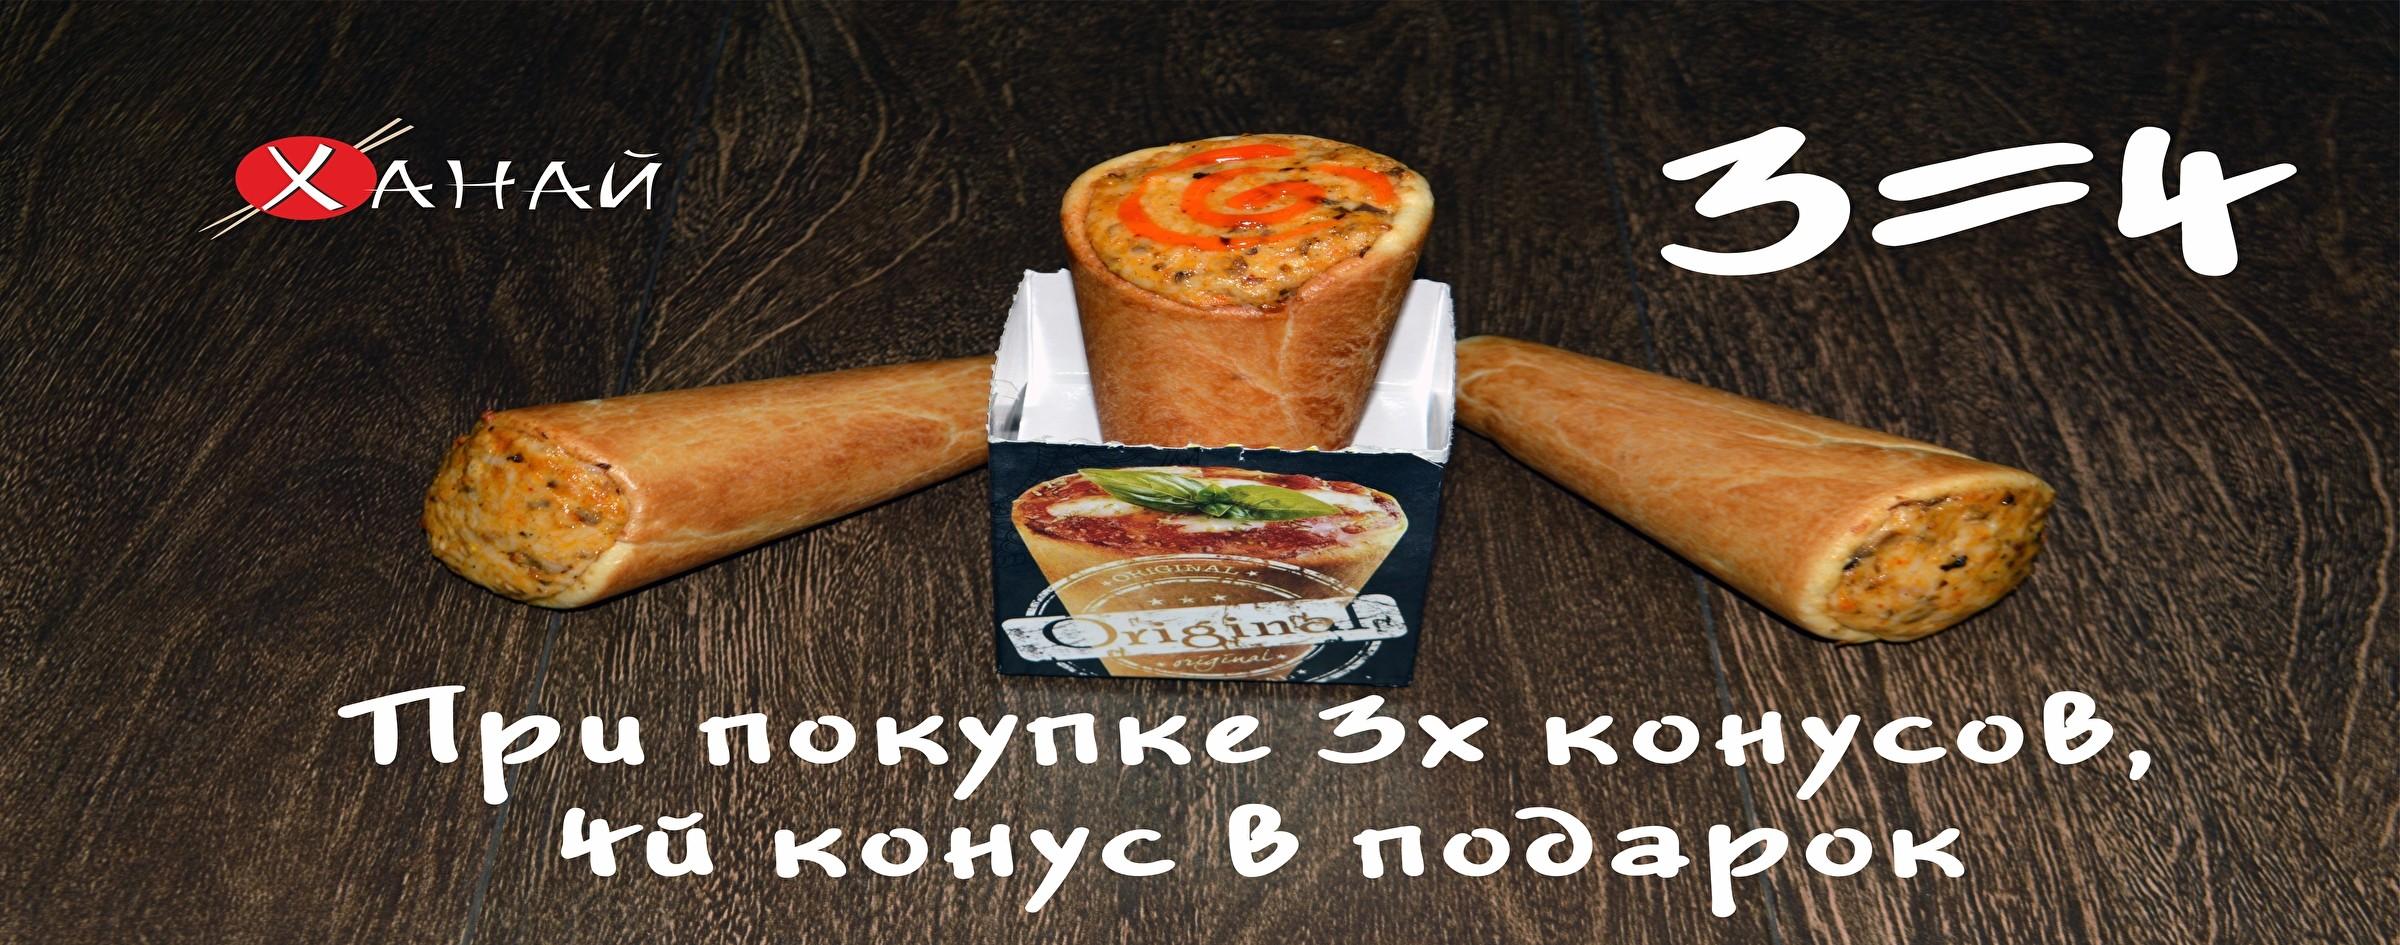 Акция!!! Четыре конус-пиццы поцене трех!!!